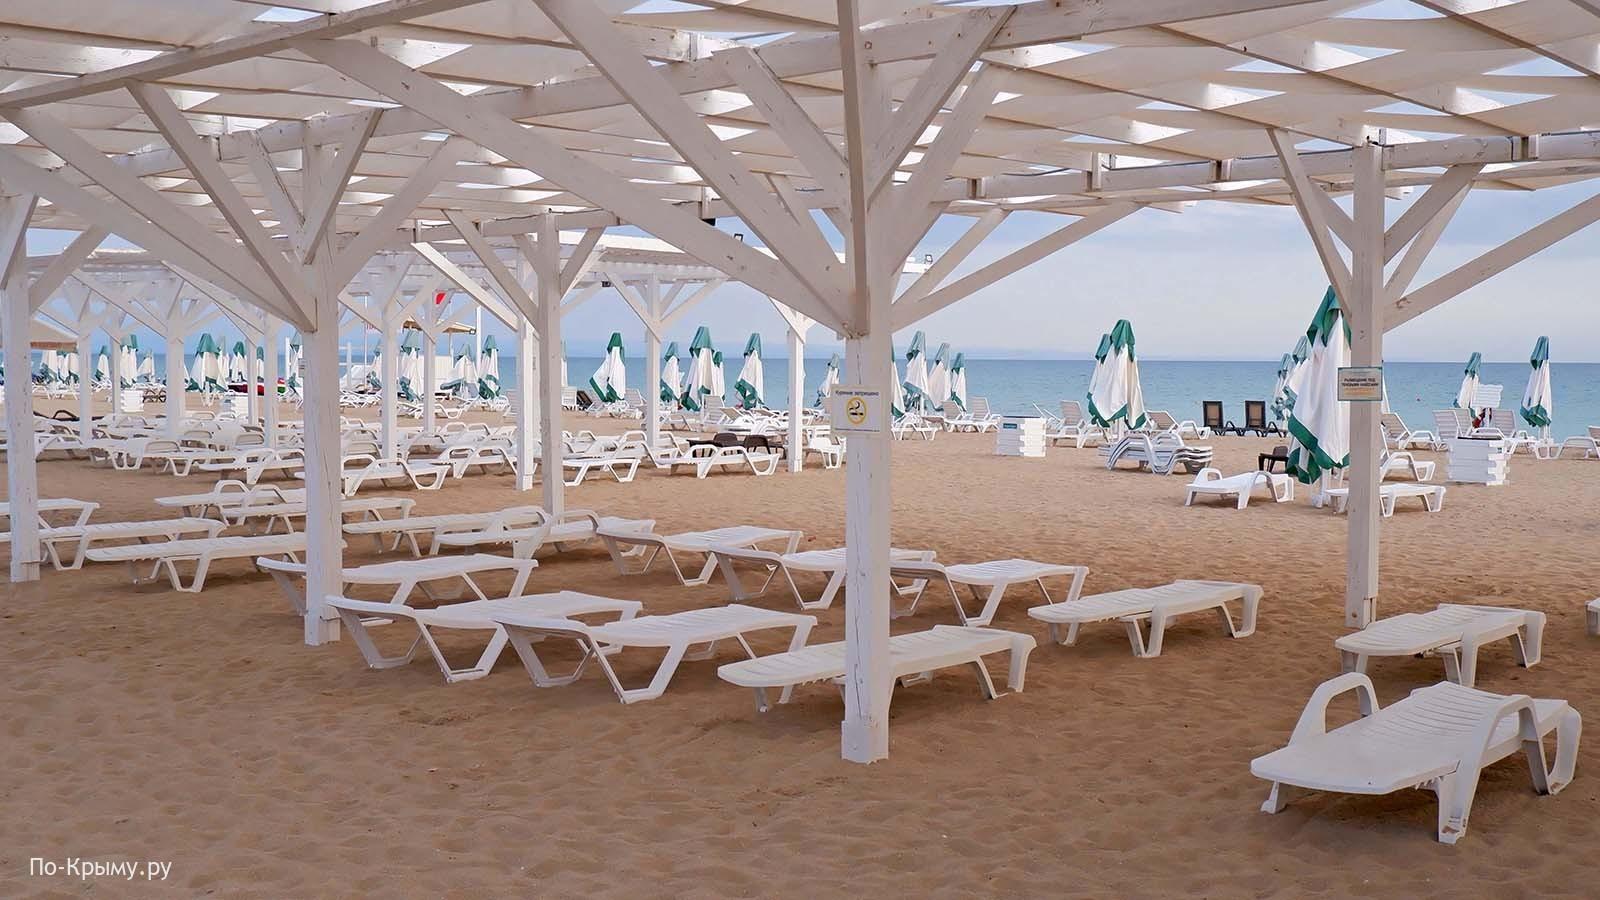 Пляж Лазурный берег, Крым, Евпатория